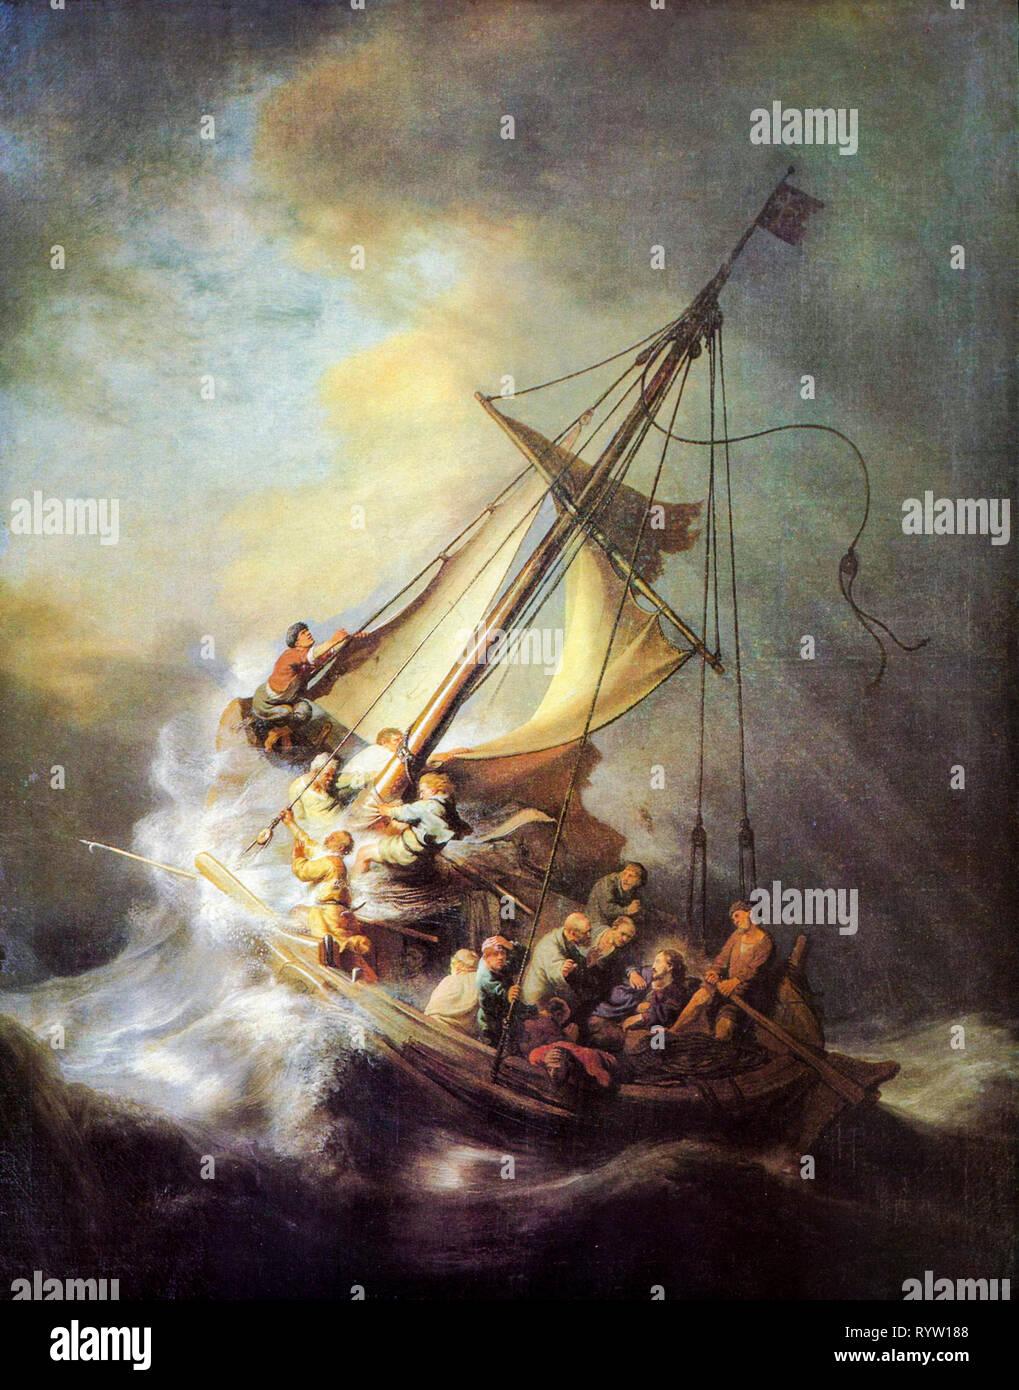 Cristo En La Tormenta En El Mar De Galilea Fotos E Imágenes De Stock Alamy